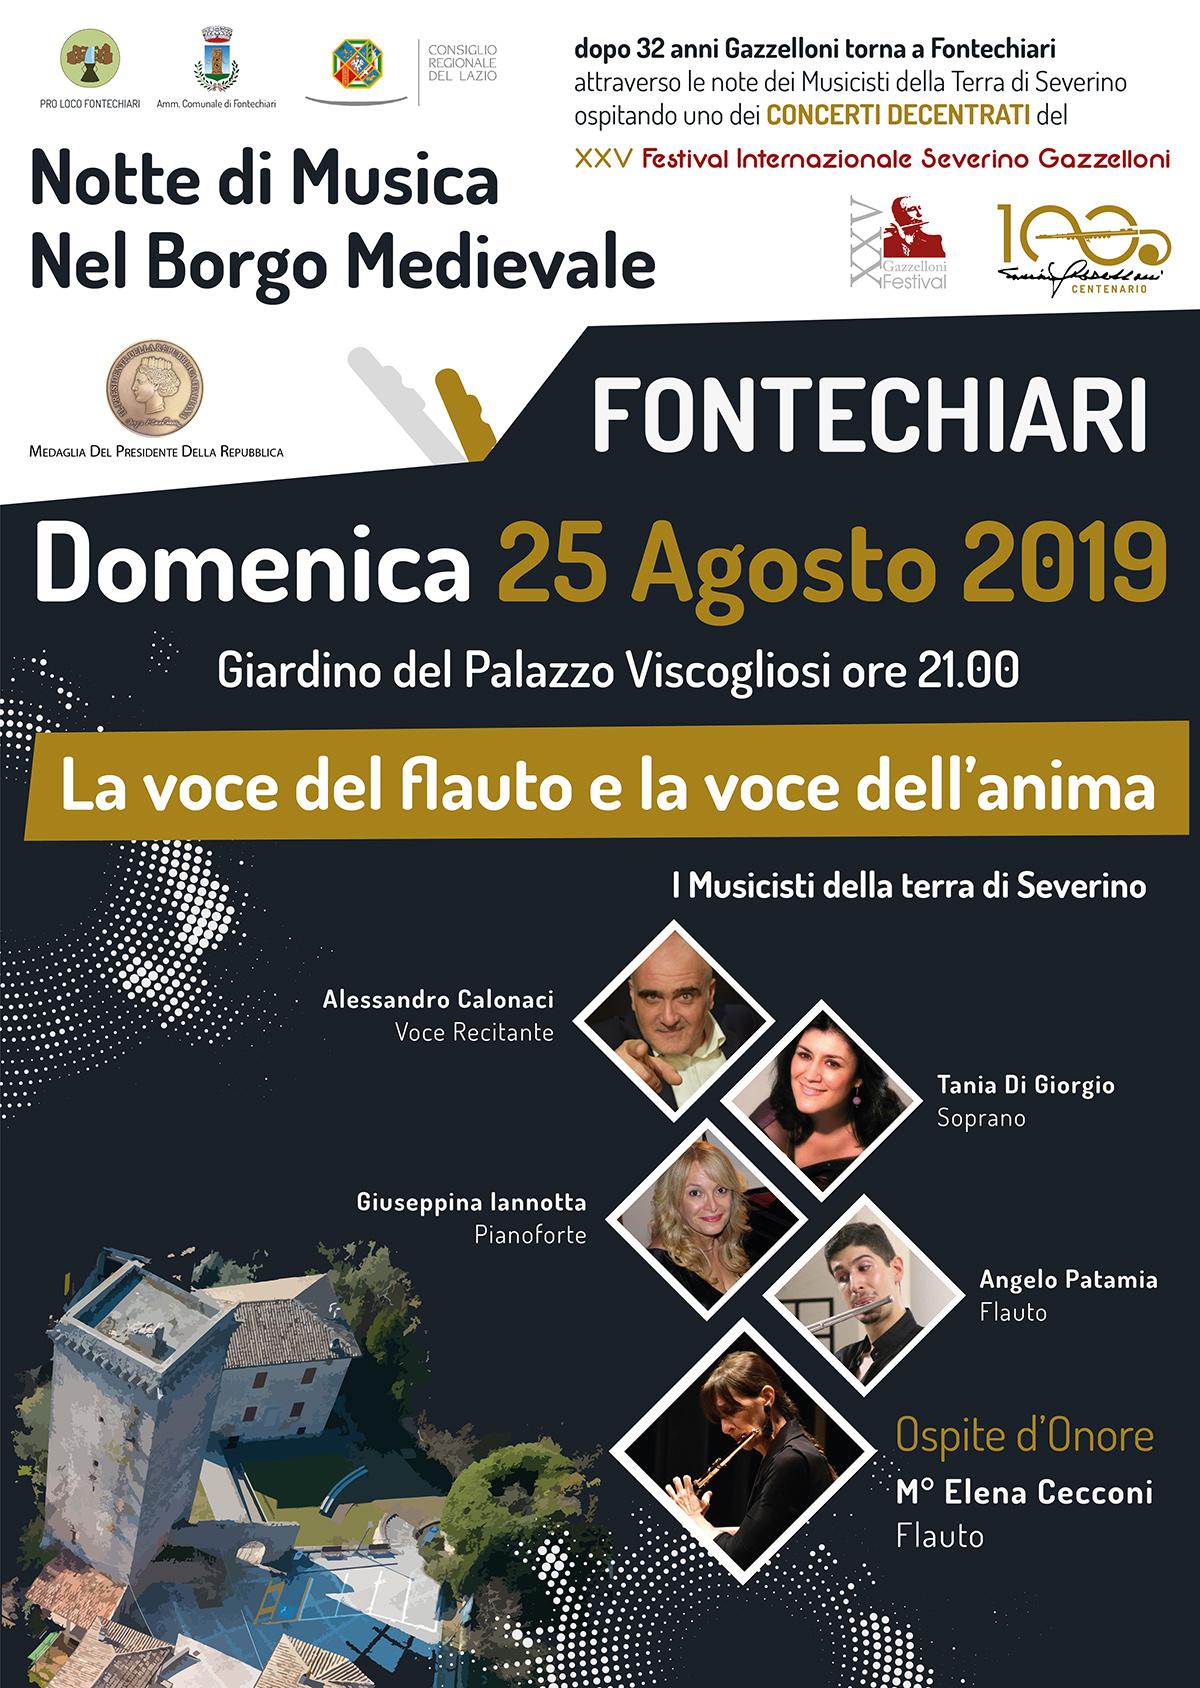 Notte di Musica nel Borgo Medievale – XXV Festival Severino Gazzelloni